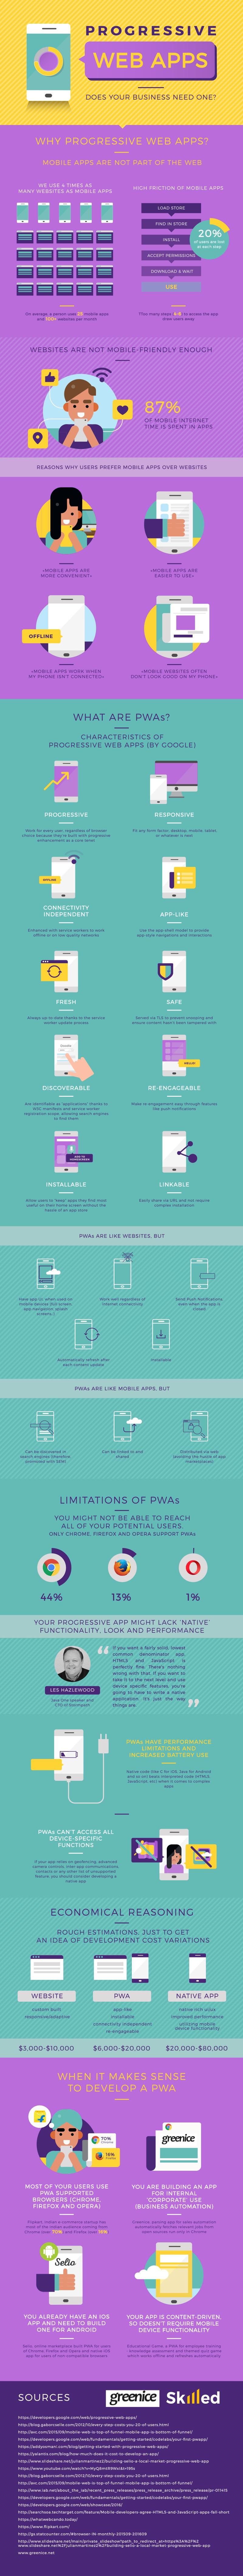 PWA-infographic